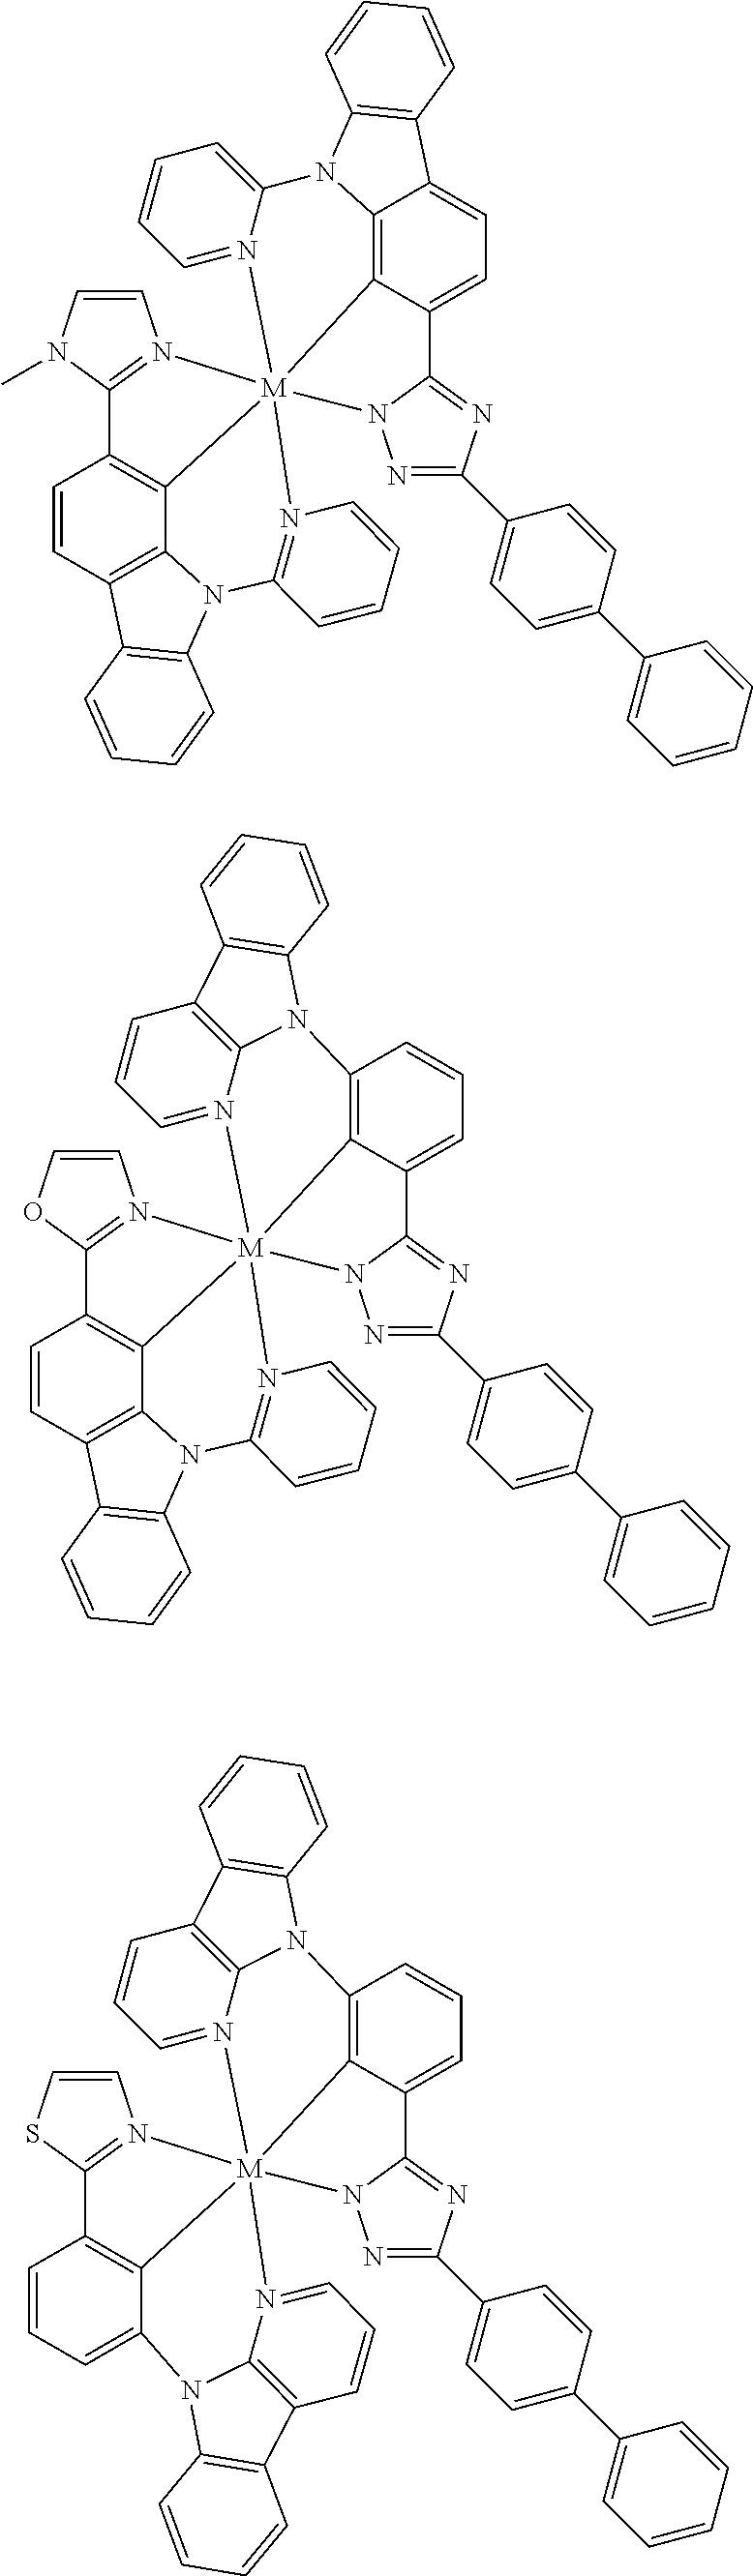 Figure US09818959-20171114-C00300